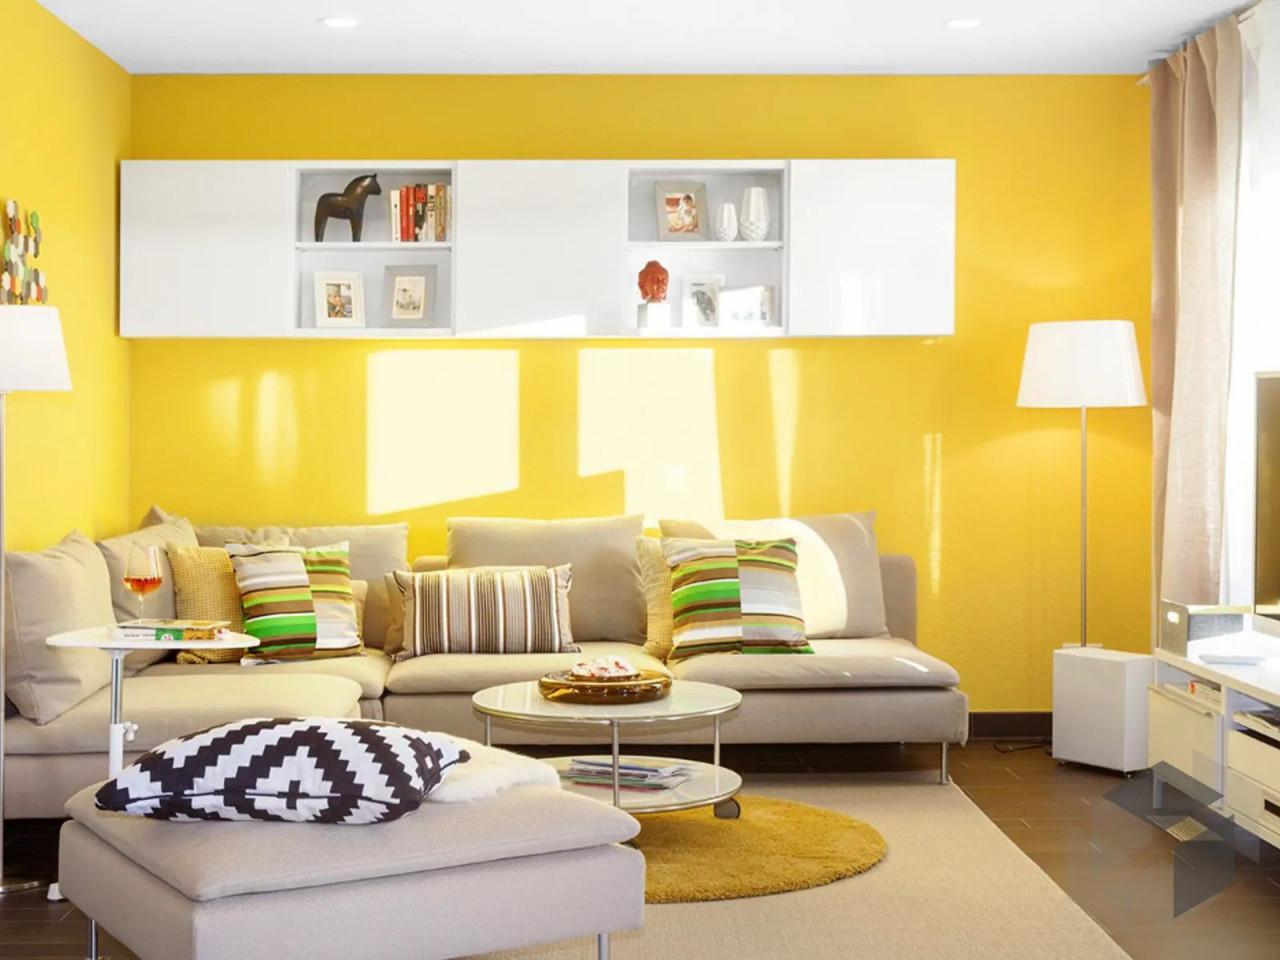 Gelbe Wand Im Wohnzimmer Deko In 2020  Schwörer Haus von Gelbe Deko Wohnzimmer Photo